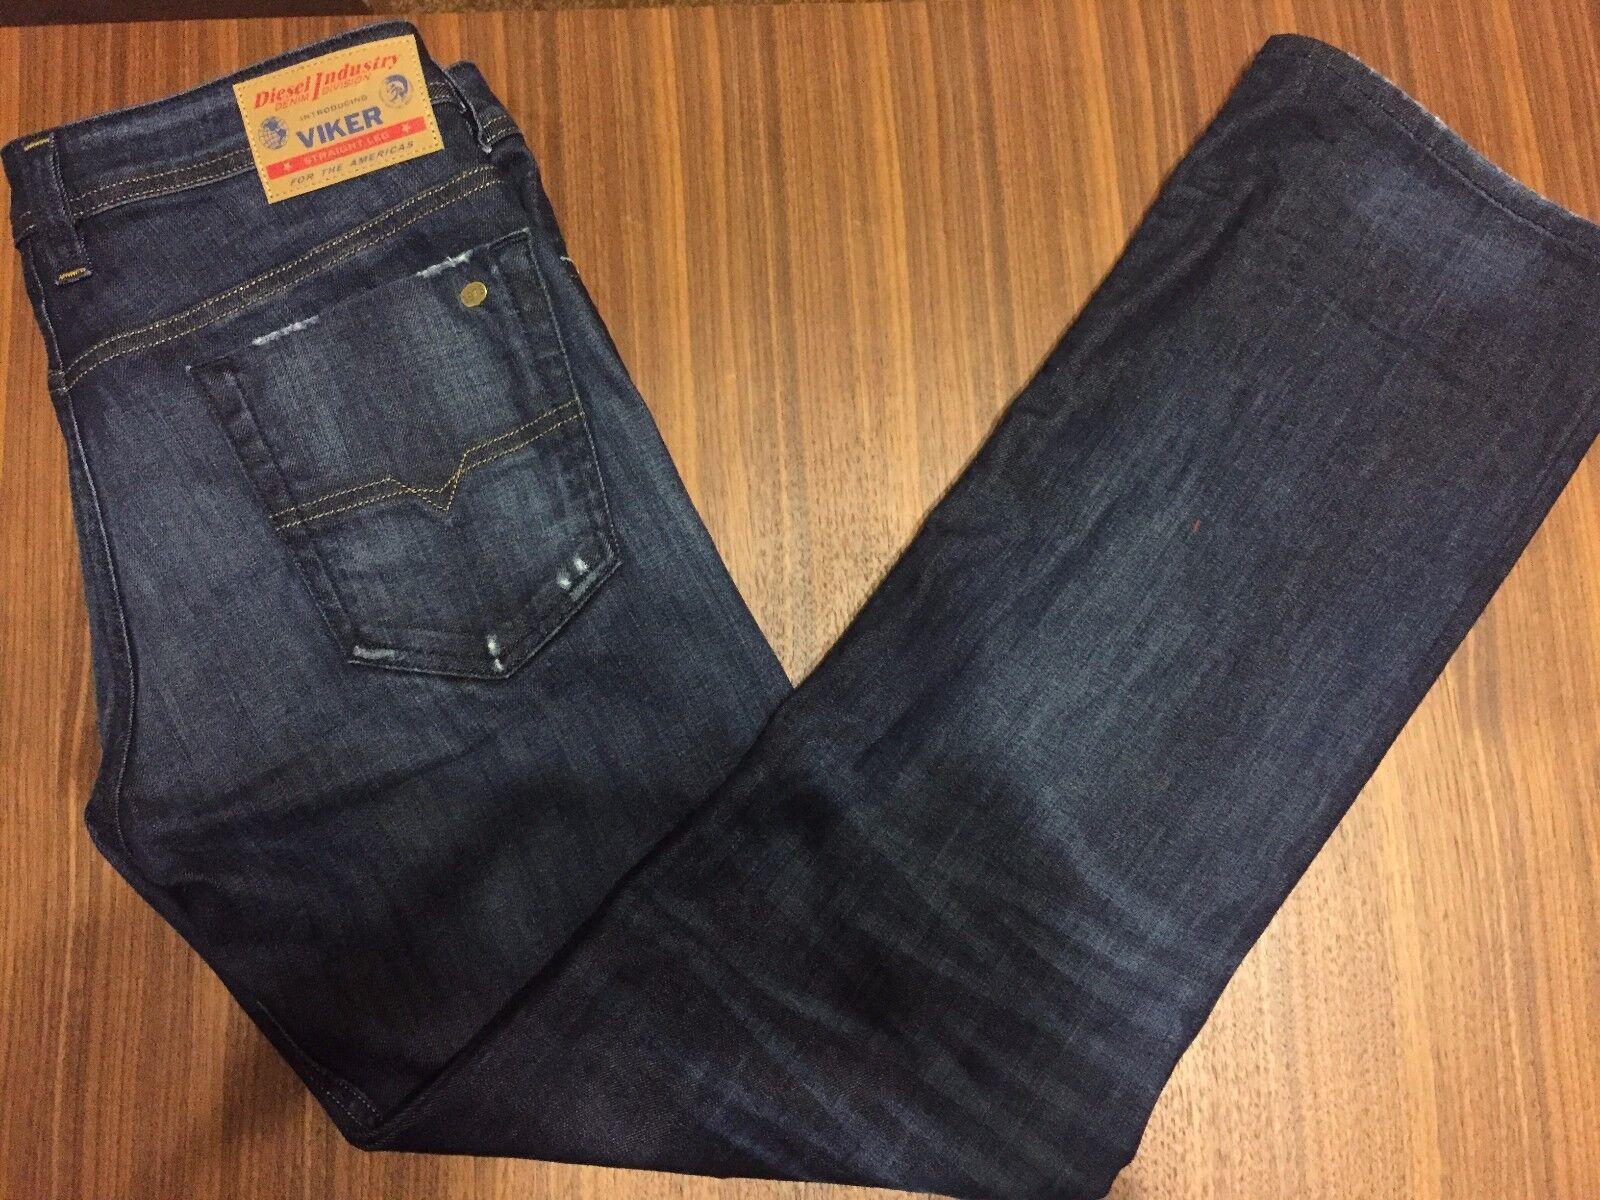 NWT  Diesel Mens VIKER Regular Straight Jeans size 30 x 30  Wash U831Q_STR